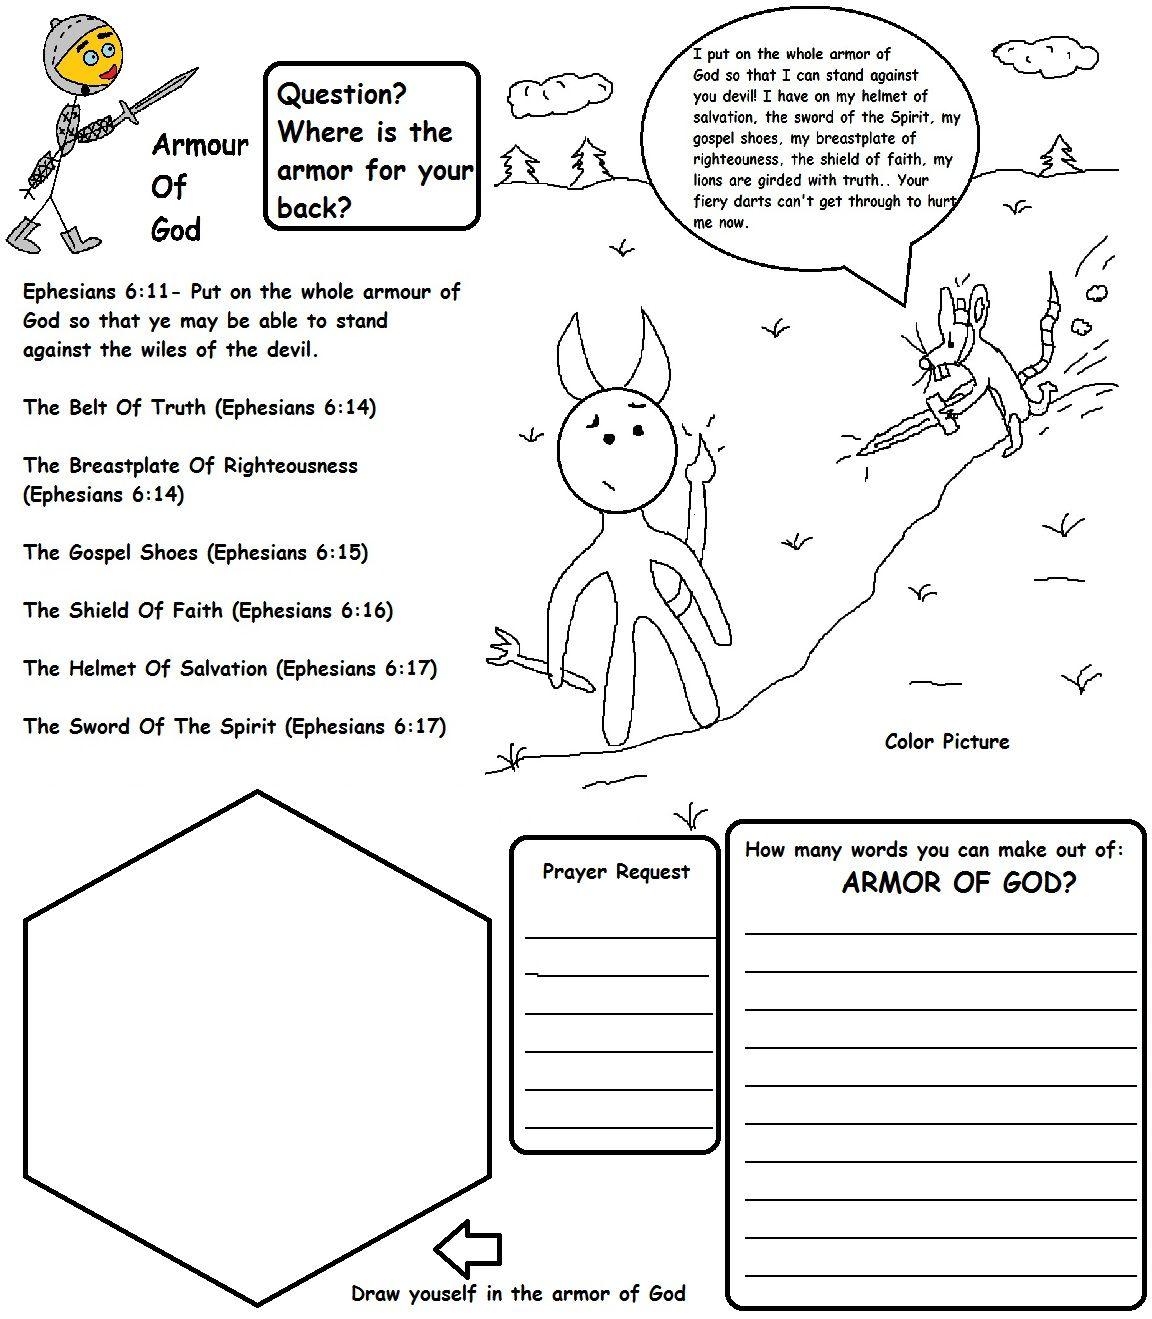 48+ Armor of god worksheets pdf Online